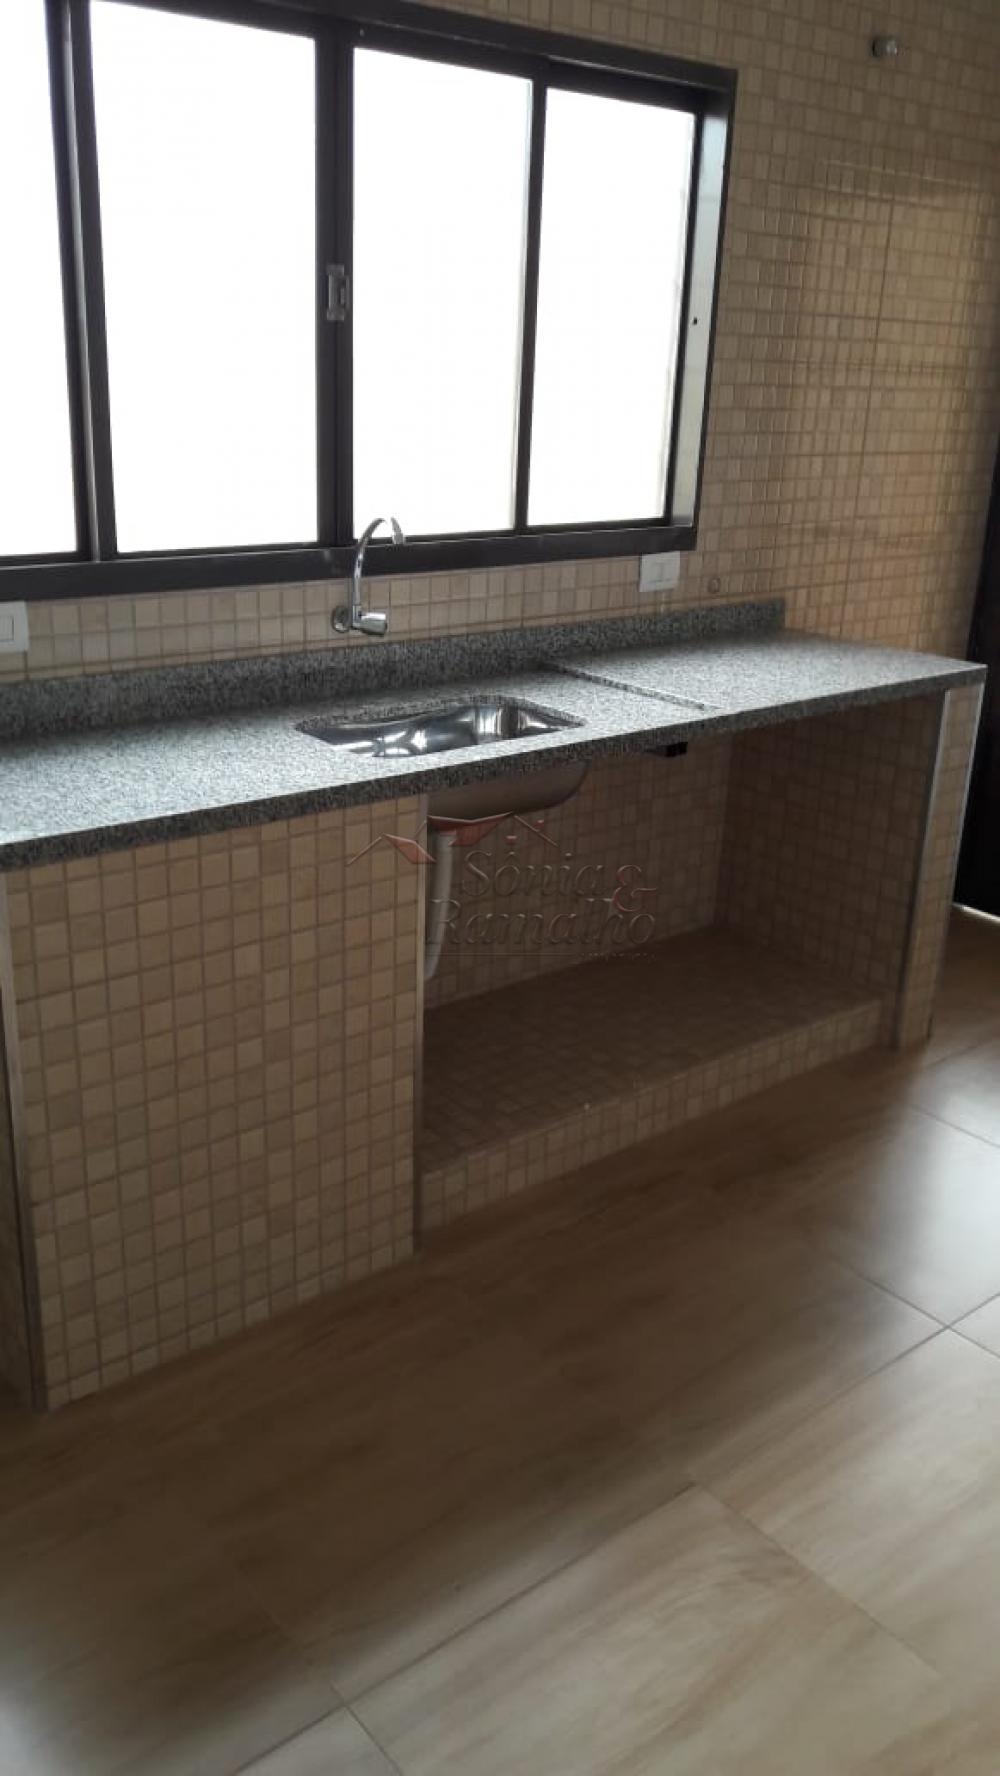 Comprar Casas / Padrão em Ribeirão Preto apenas R$ 290.000,00 - Foto 14